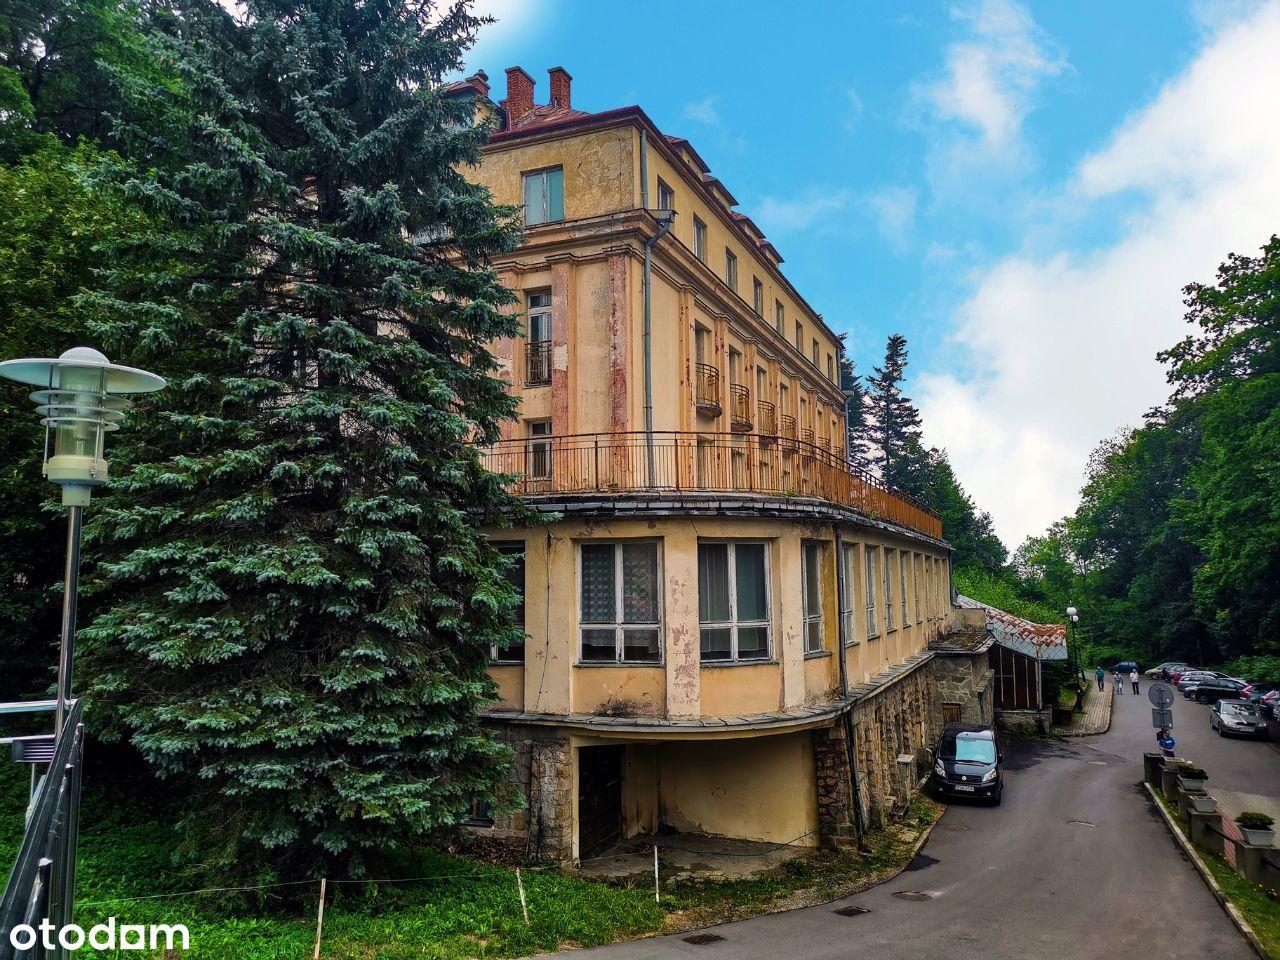 Dom wczasowy, Hotel do remontu w Iwoniczu-Zdroju